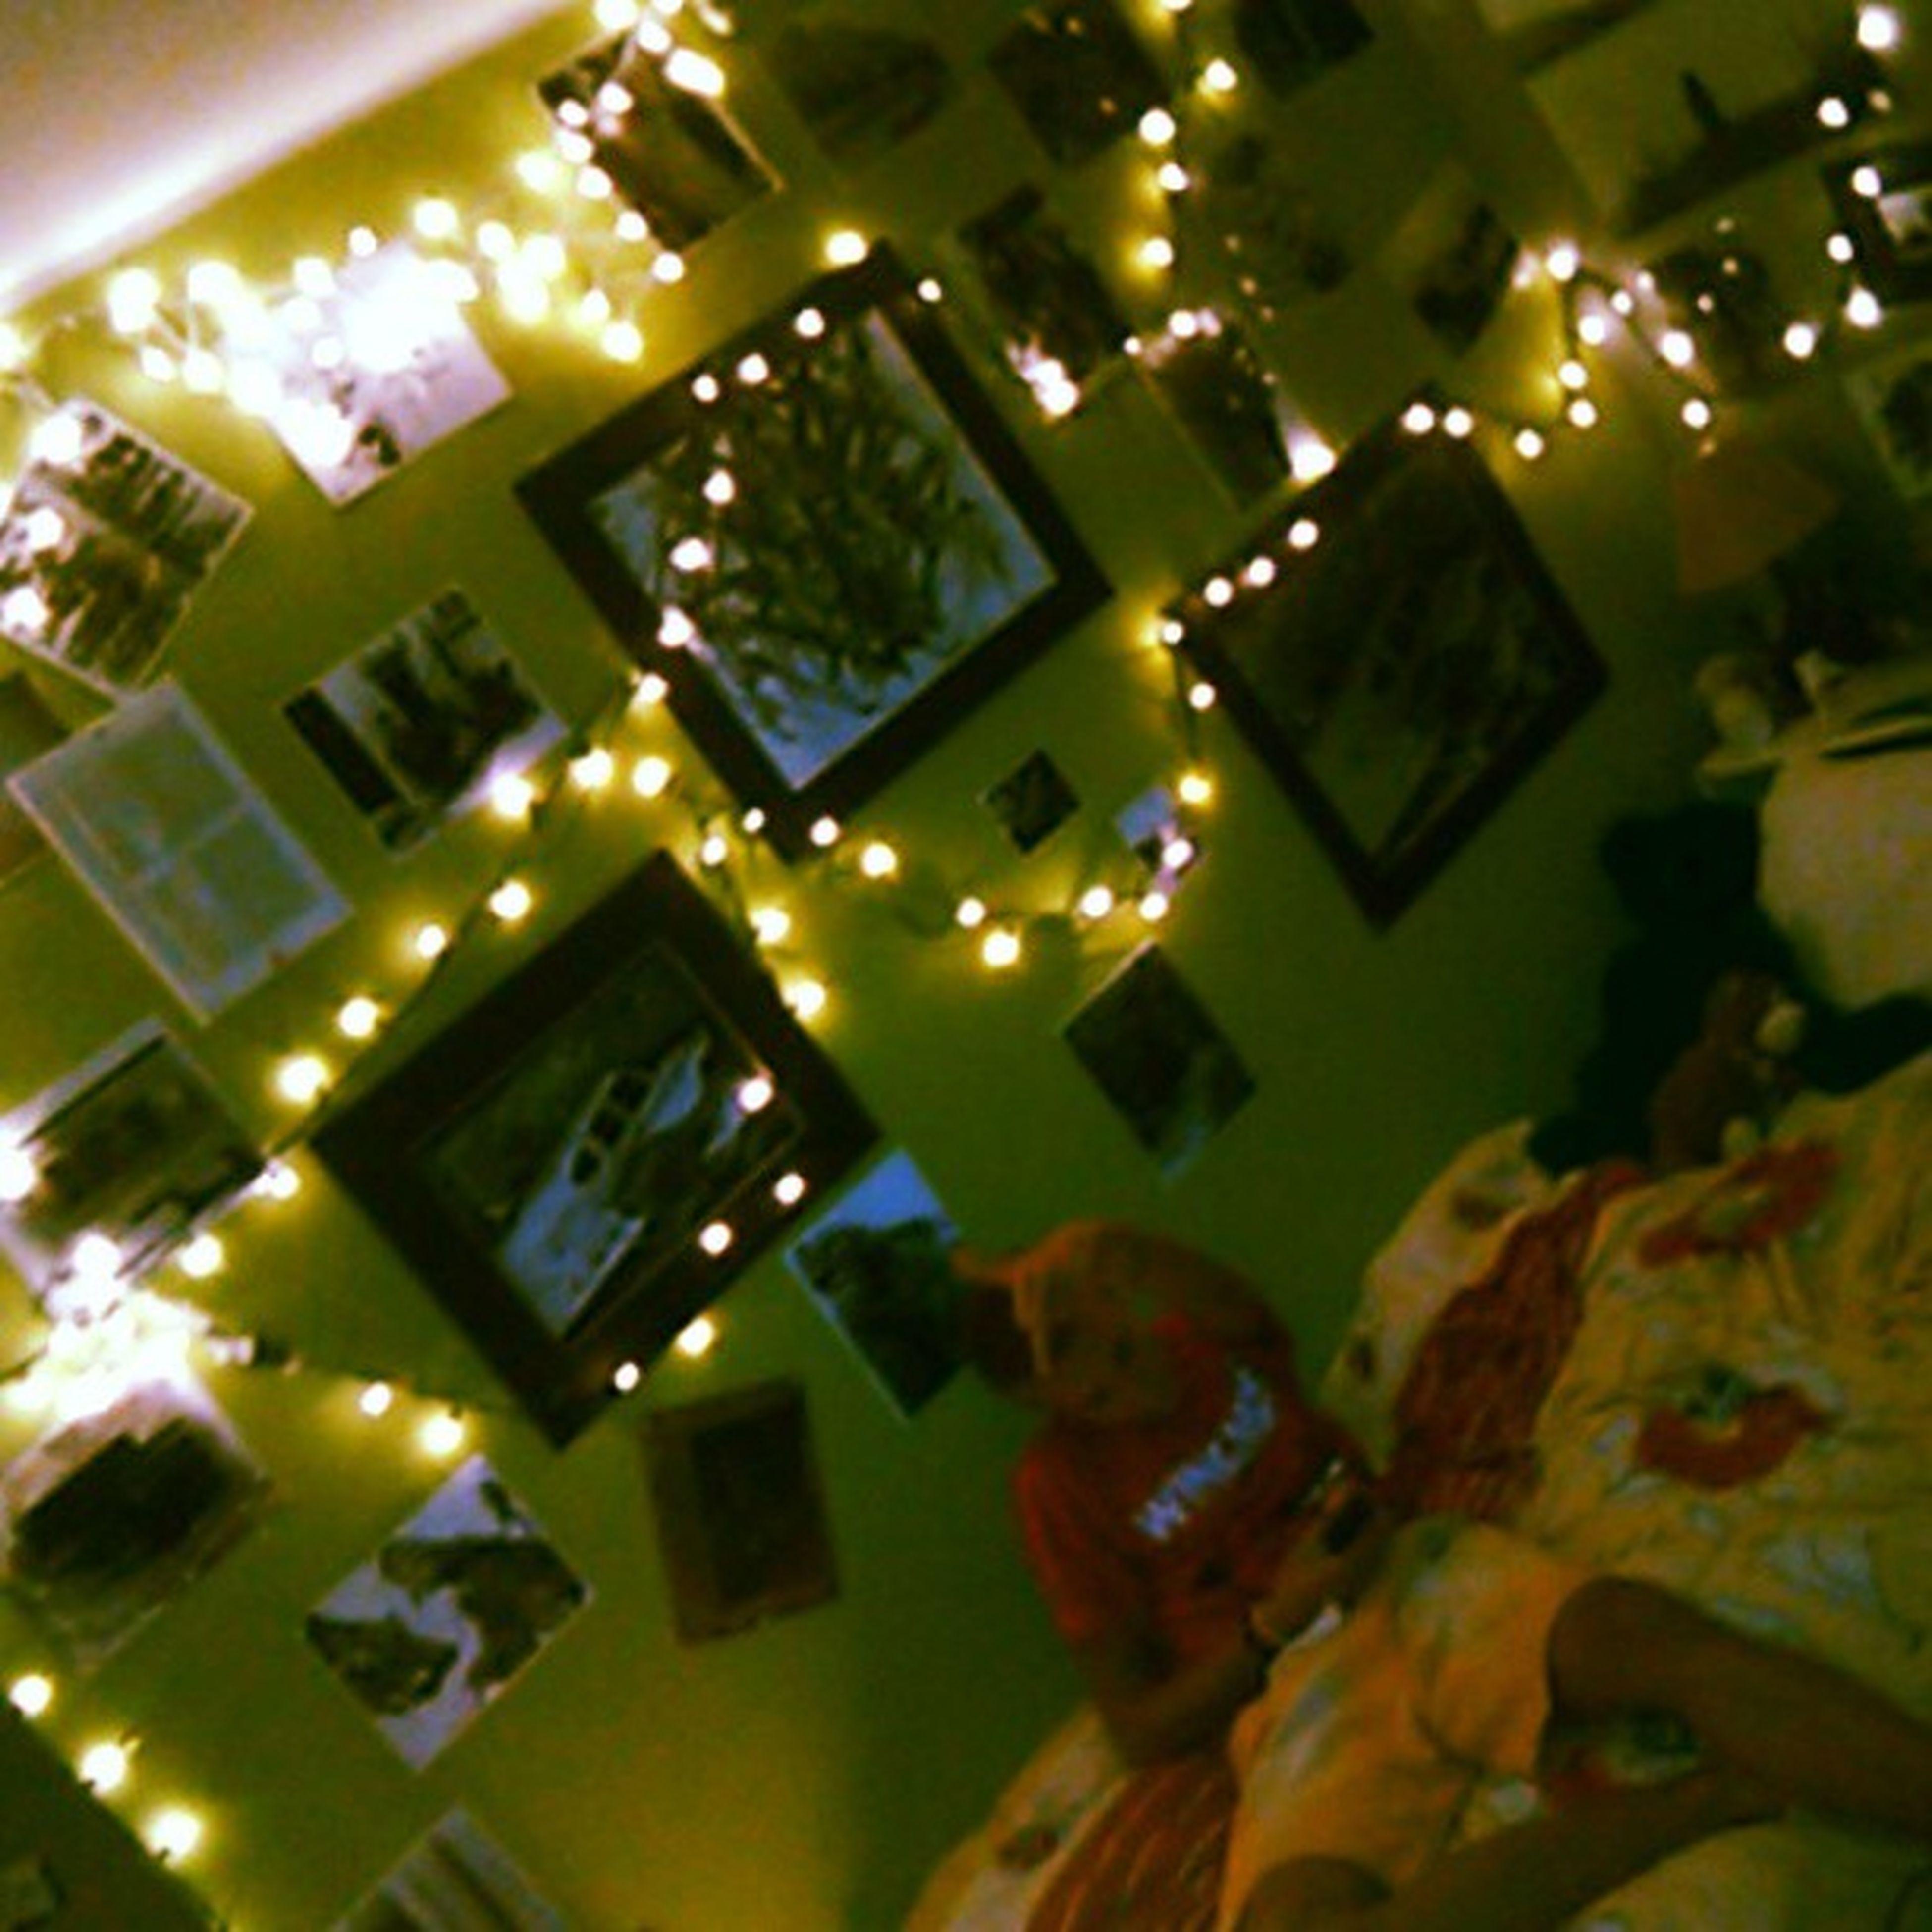 FUCKBOY Brotherruinspicture Bro Redidroom room kasia kasiasphotos peaceful